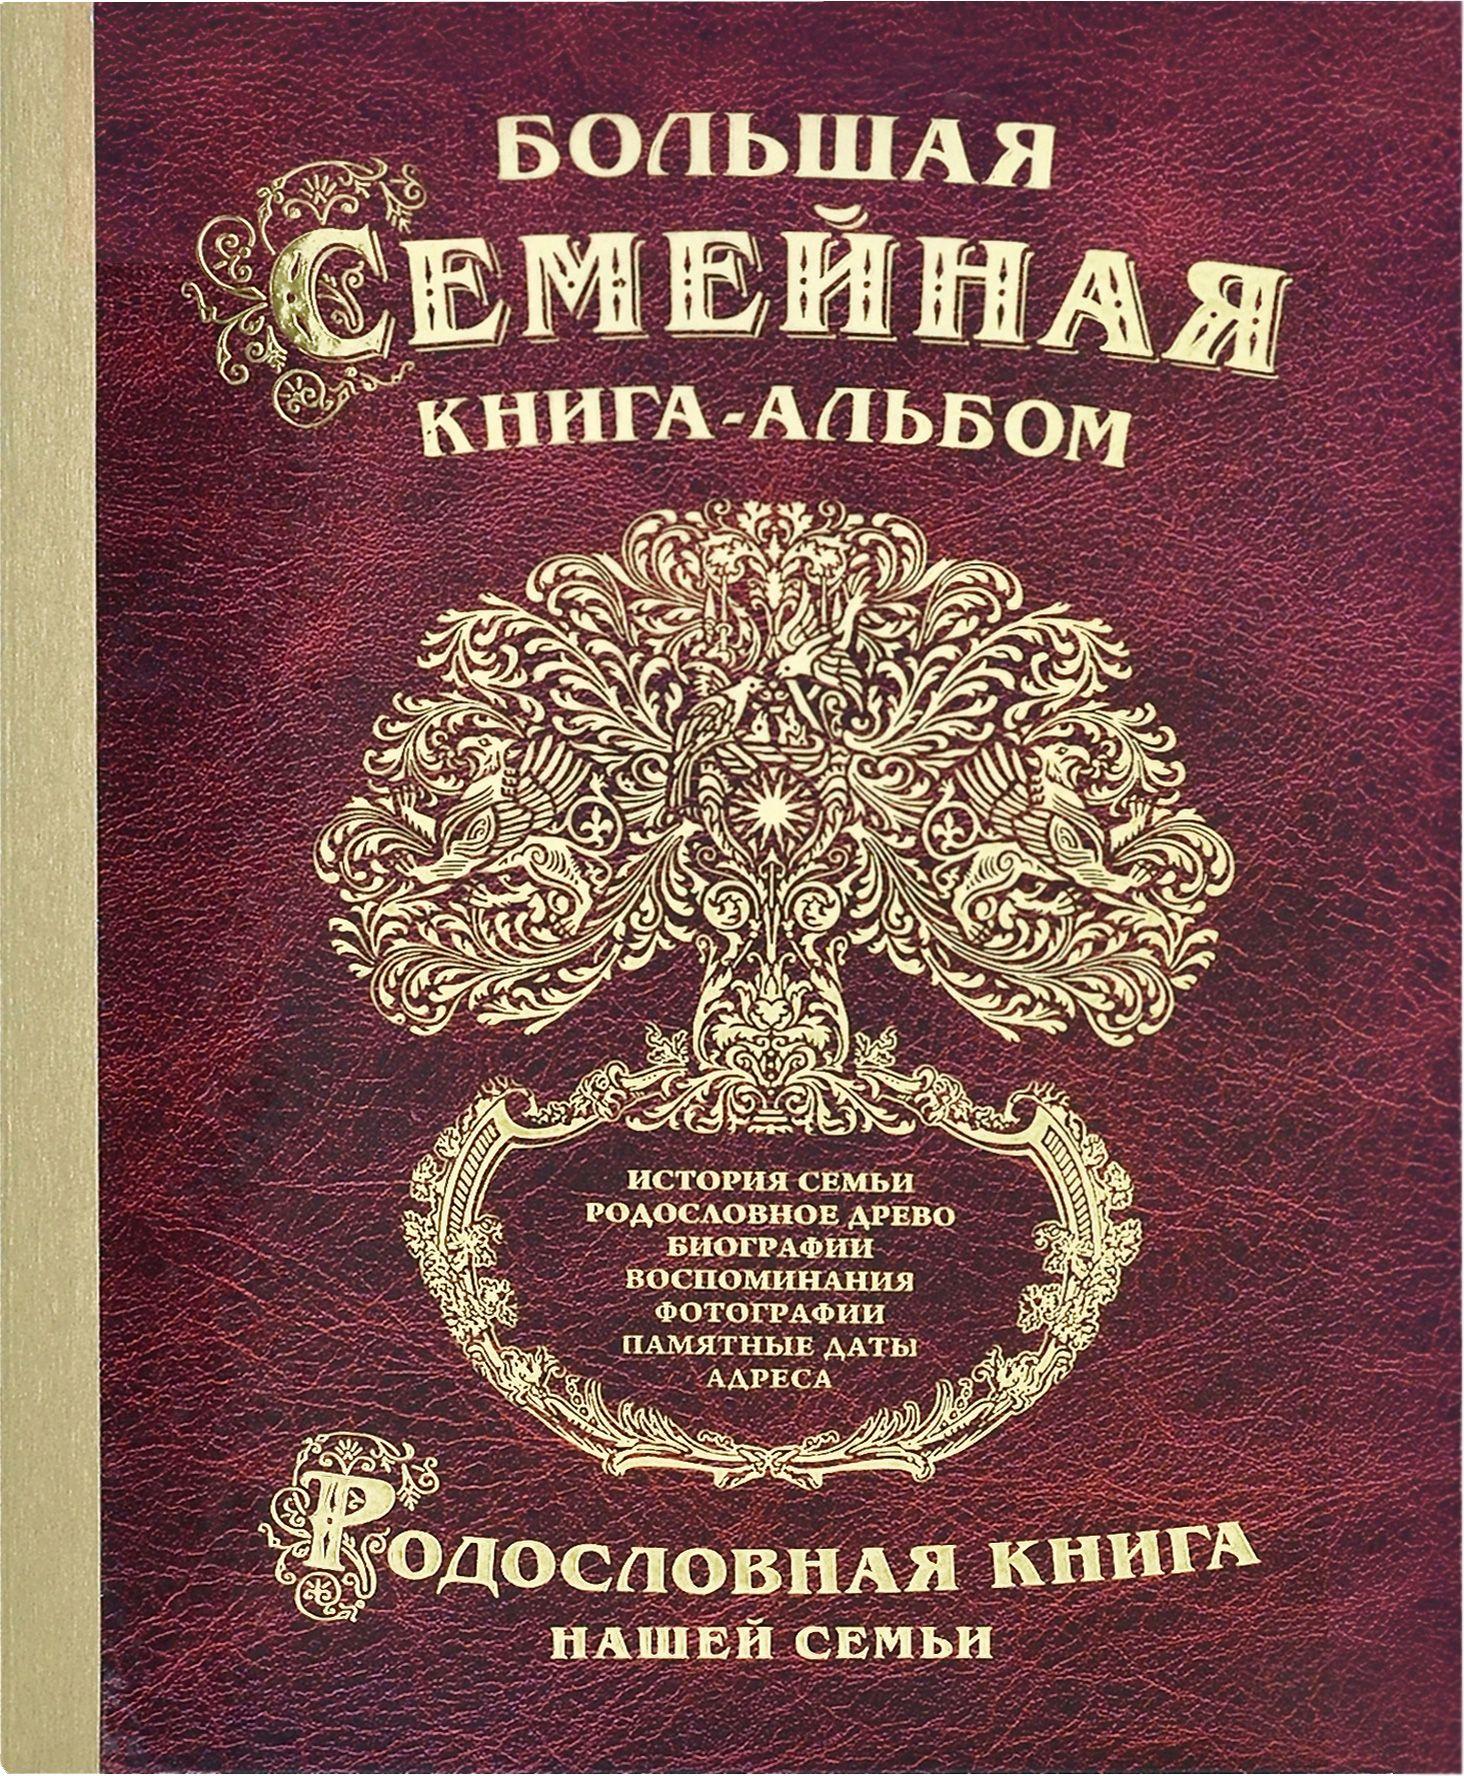 Большая семейная книга Гарамант Древо, цвет: коричневый. Авторская работа.1022 купить подарок первокласснику